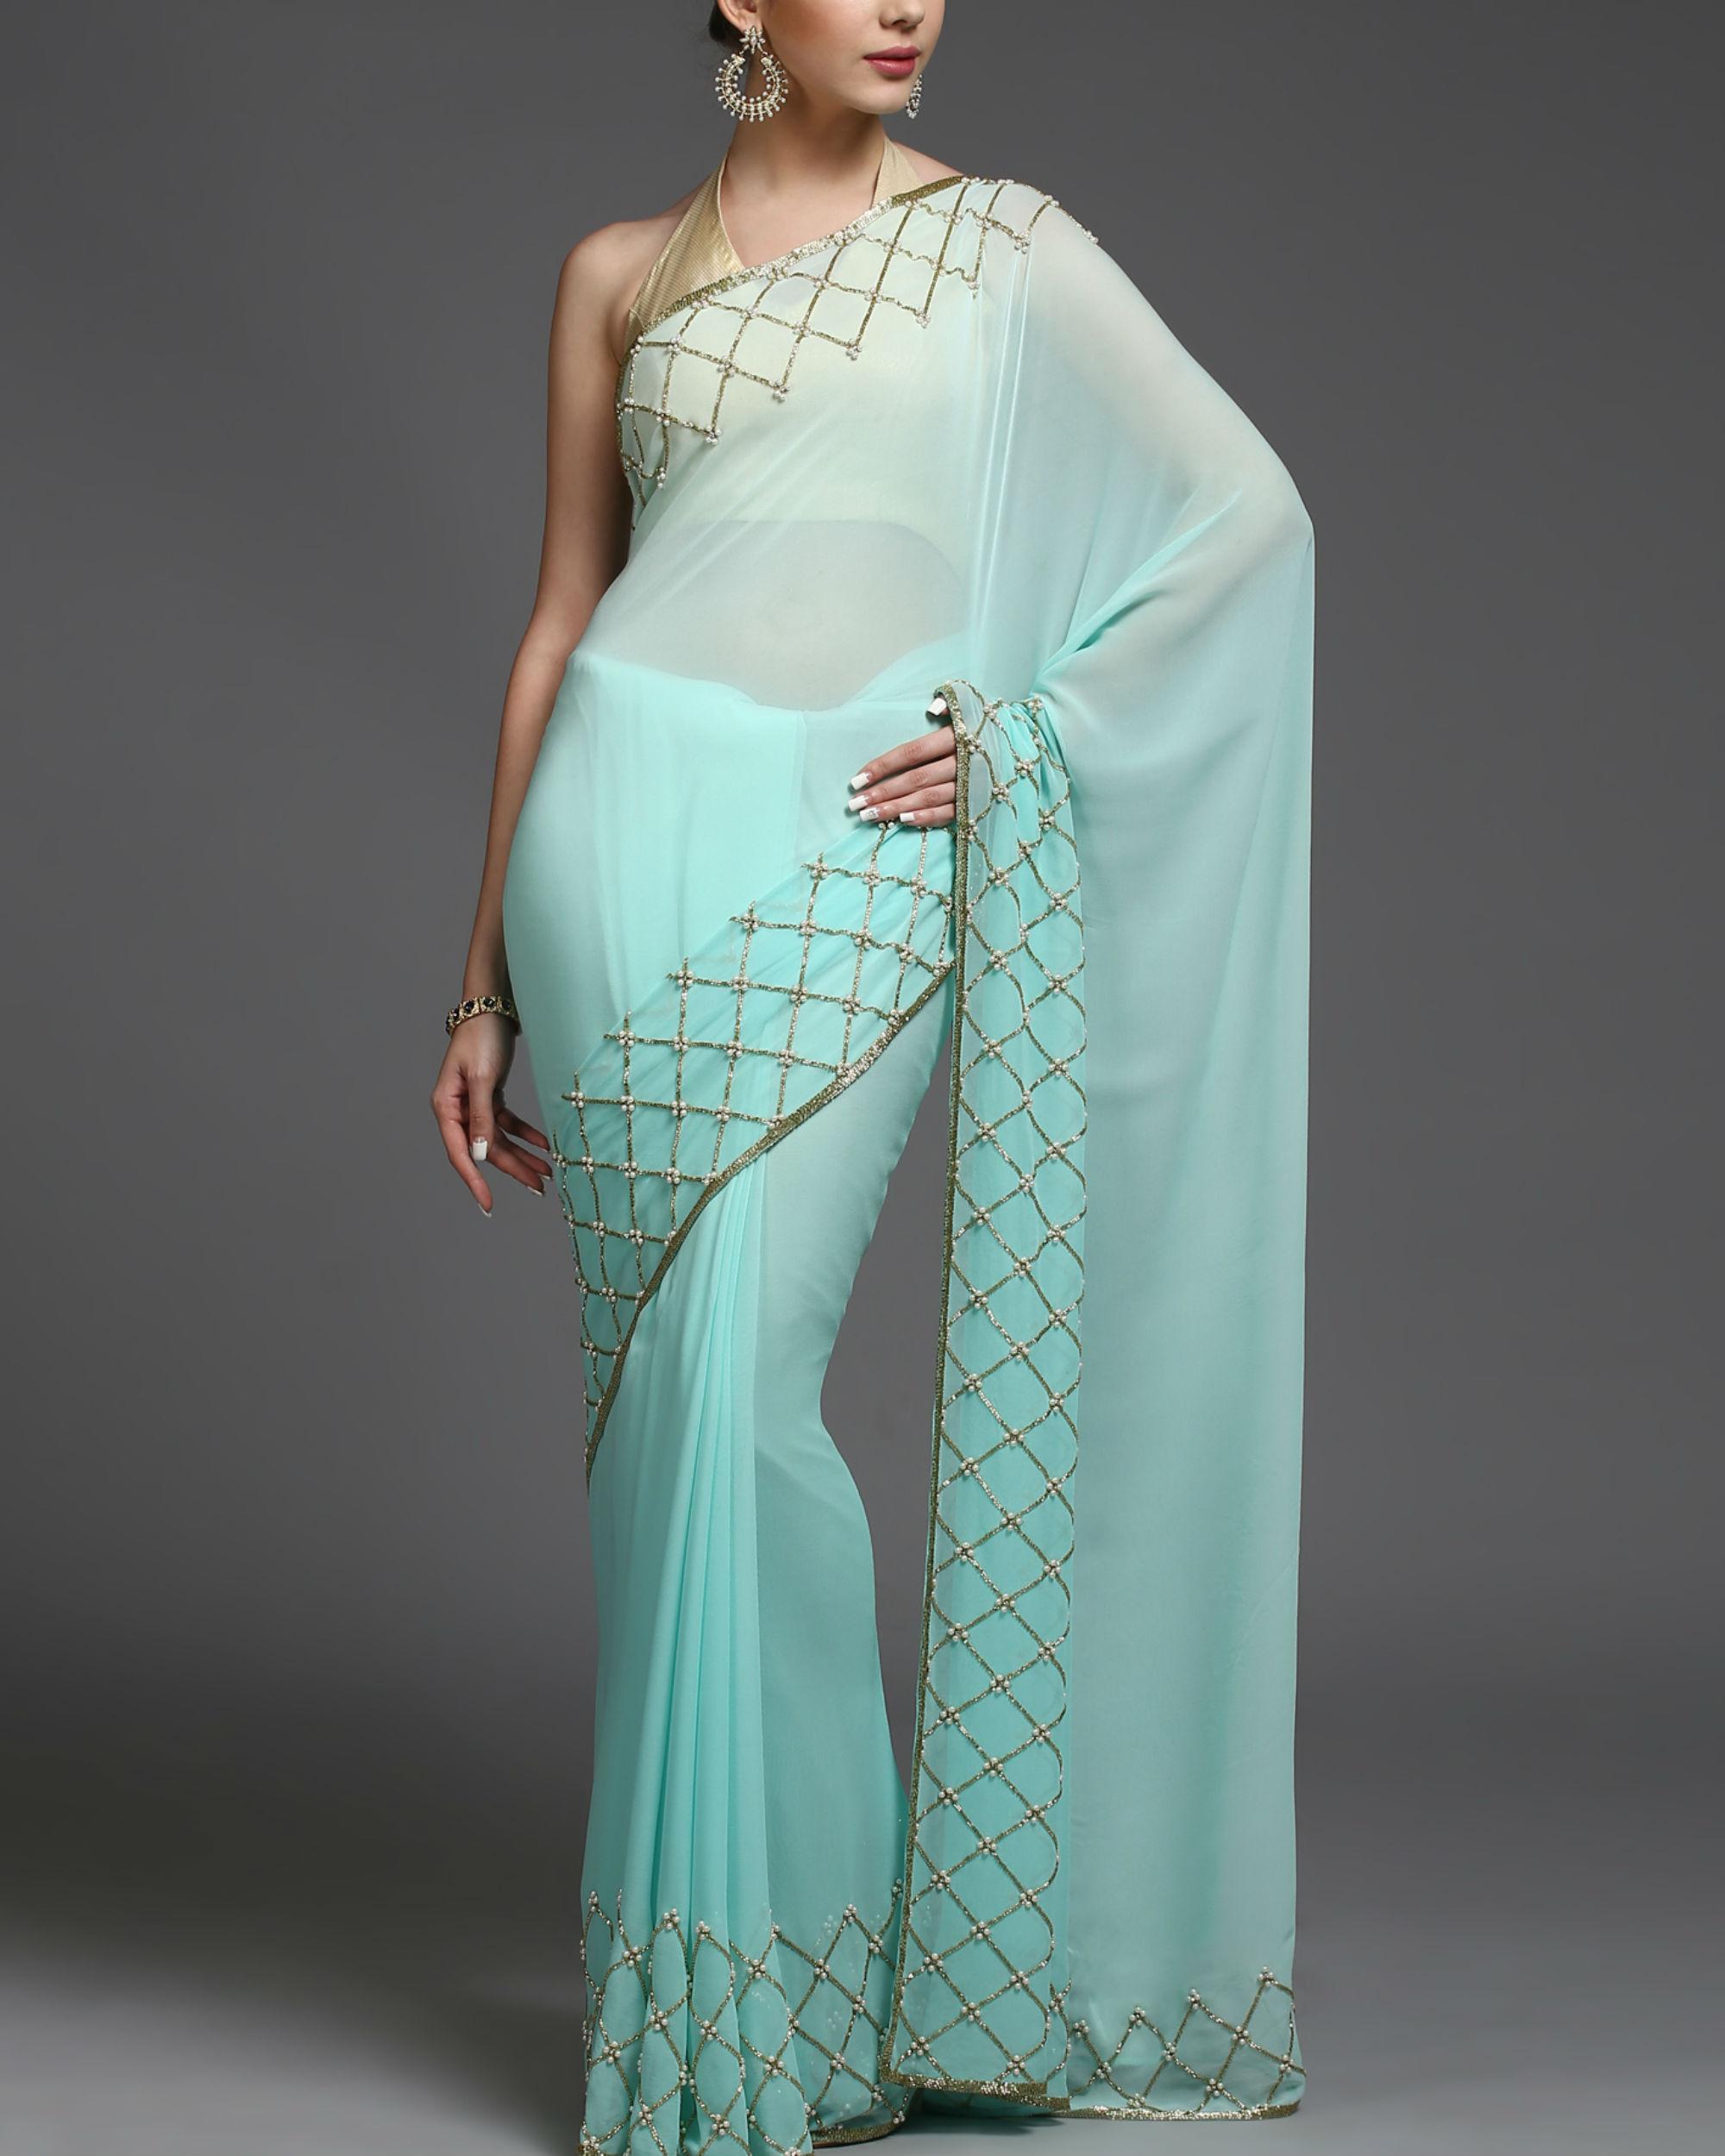 Aqua gold sari